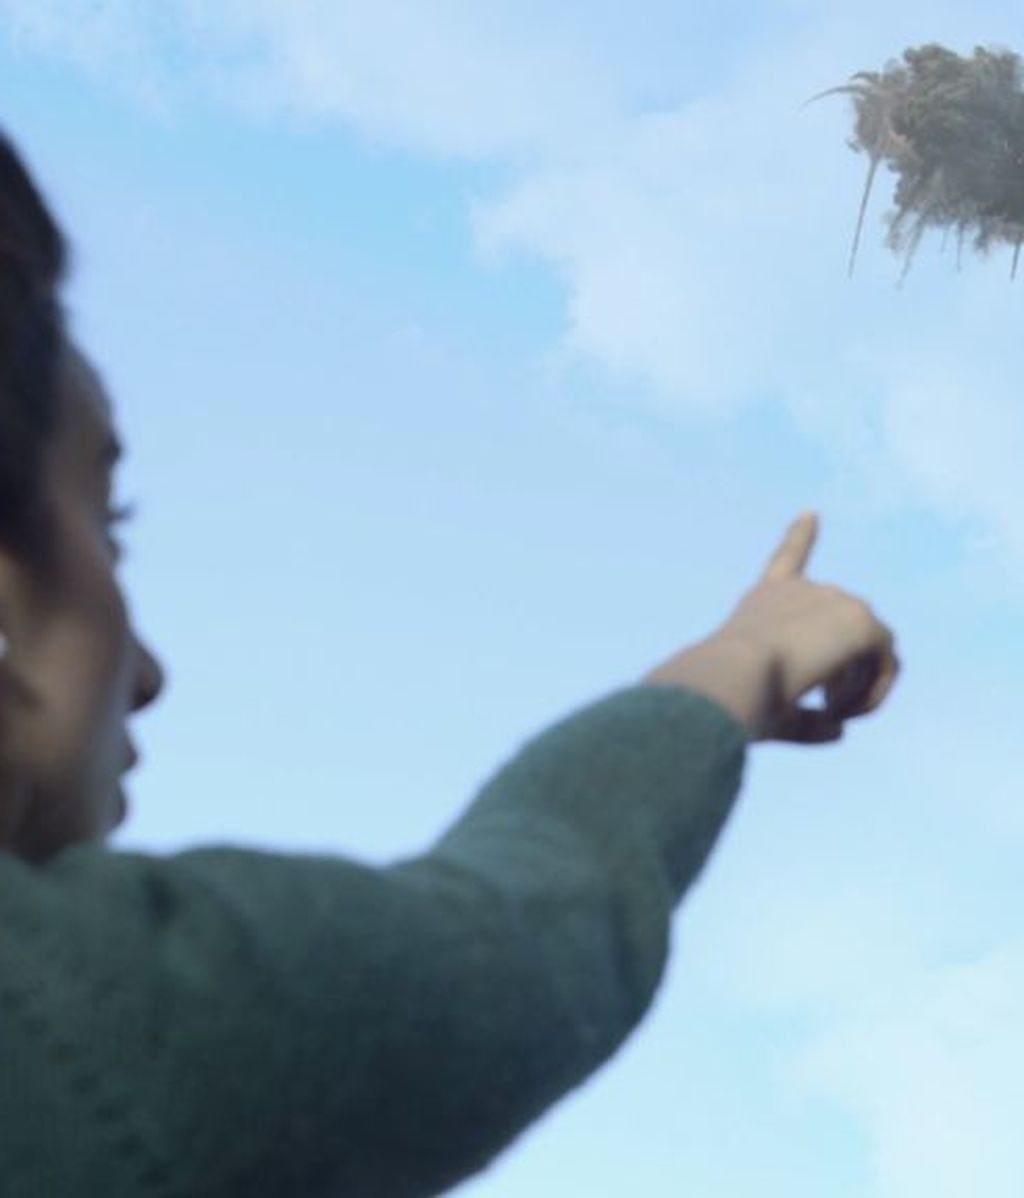 Emejing Ver Cuarto Milenio Online En Directo Pictures - Casas: Ideas ...